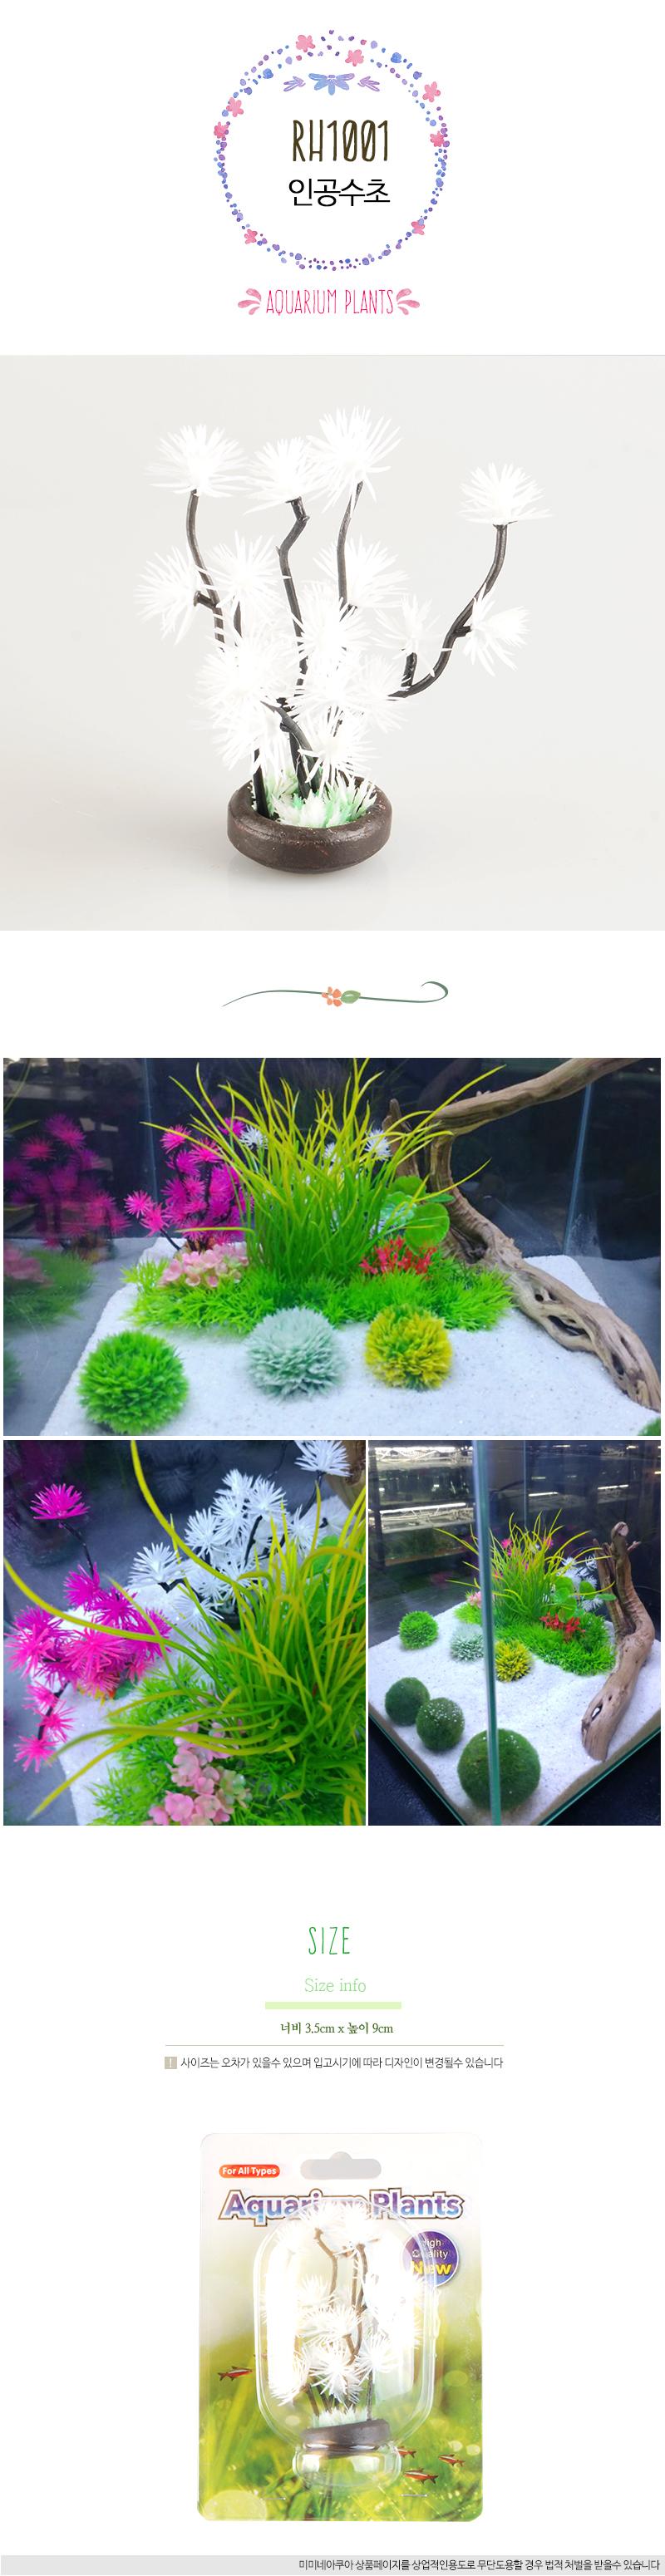 하얀색 인공수초 (RH-1001) - 미미네아쿠아, 4,200원, 장식품, 기타 장식품